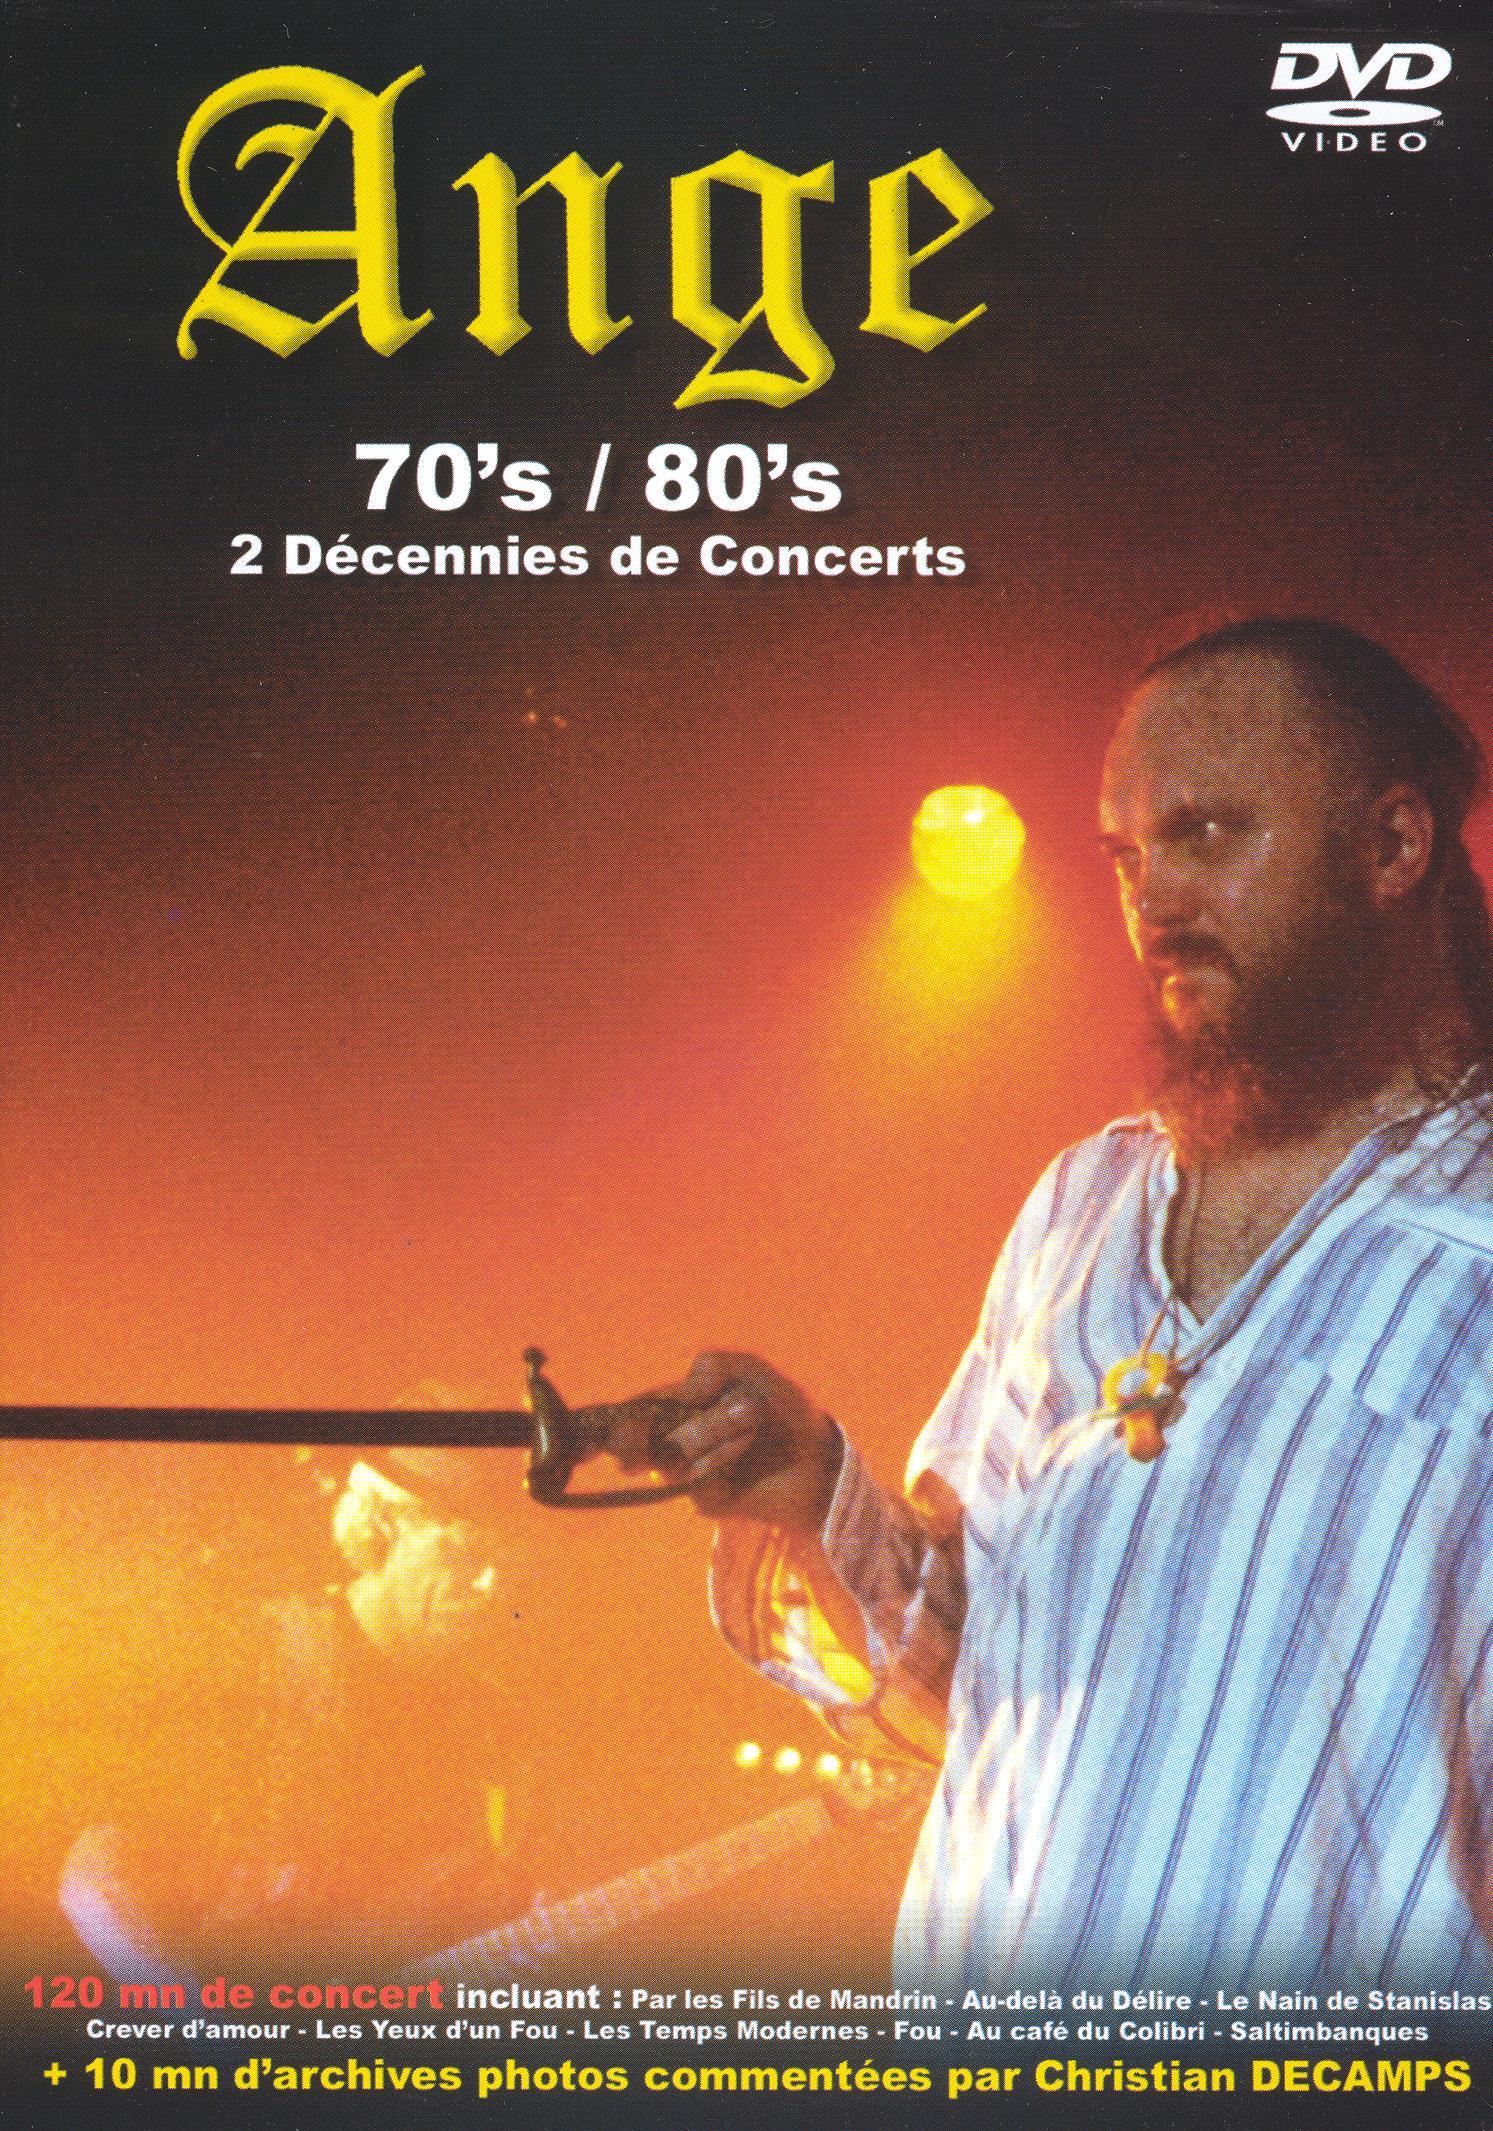 Ange: '70s/'80s - 2 Decennies de Concerts